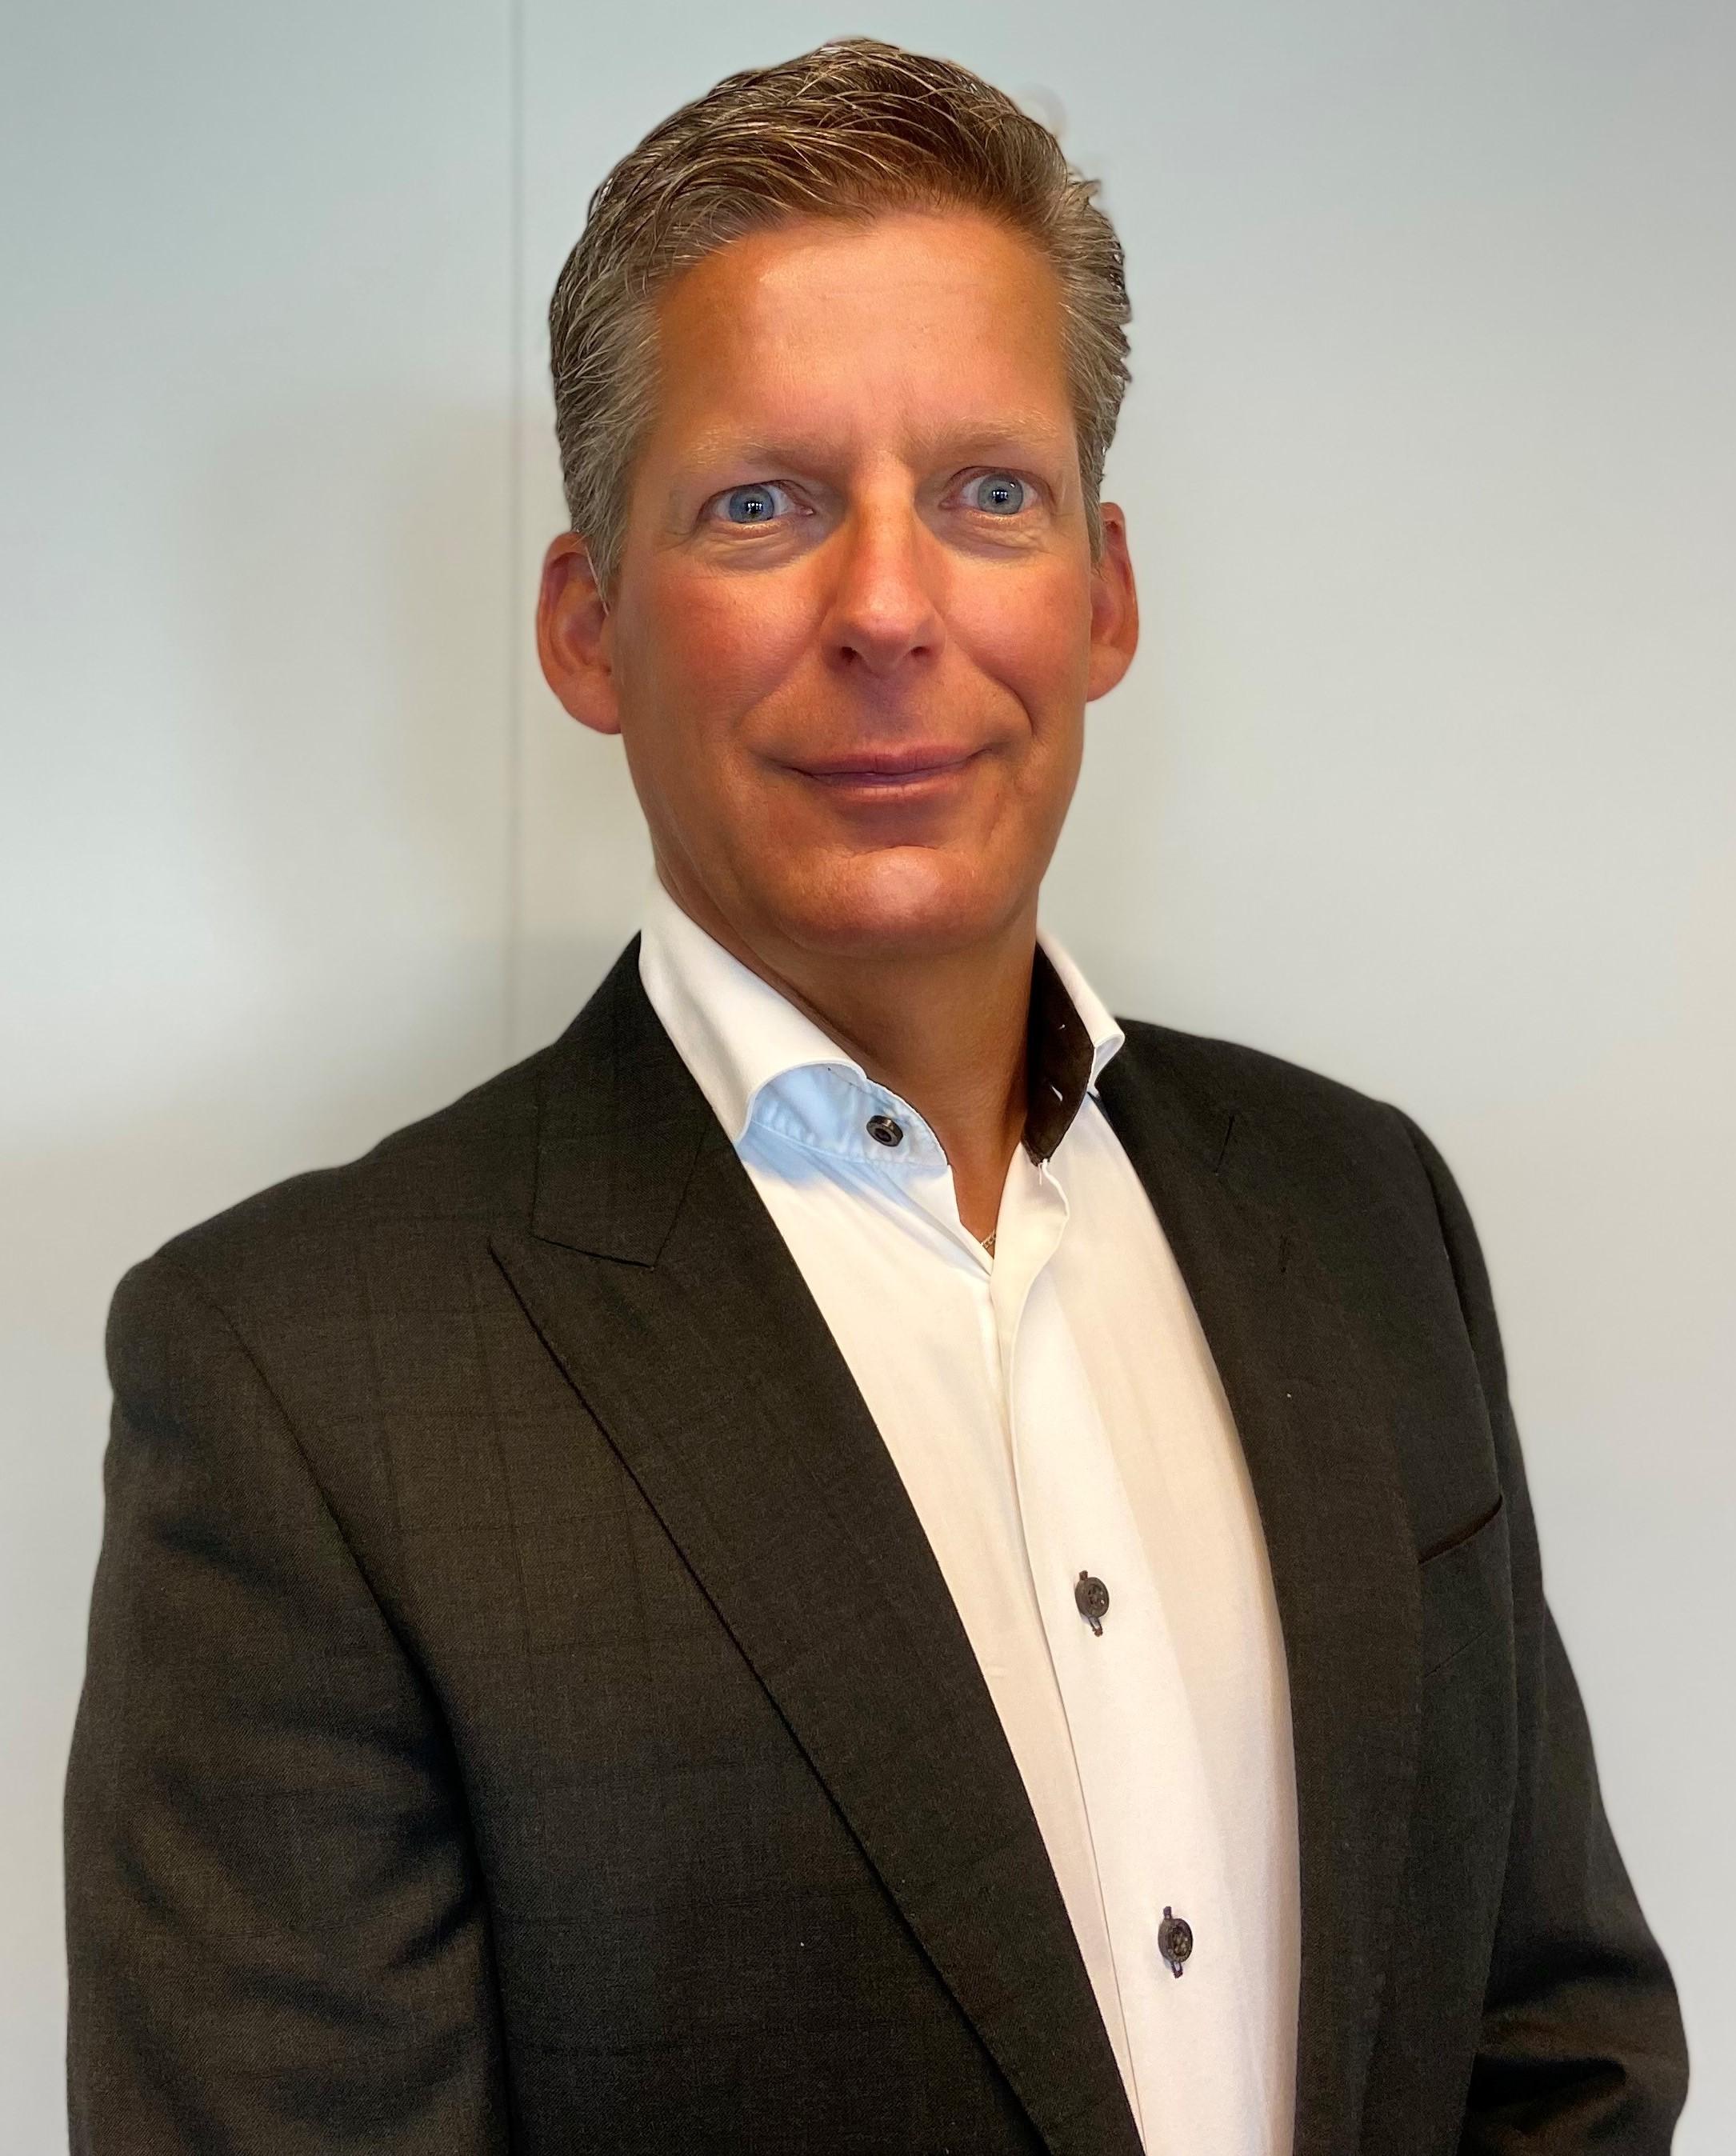 Bram Nijp aangesteld als Managing Director van GE Healthcare Nederland